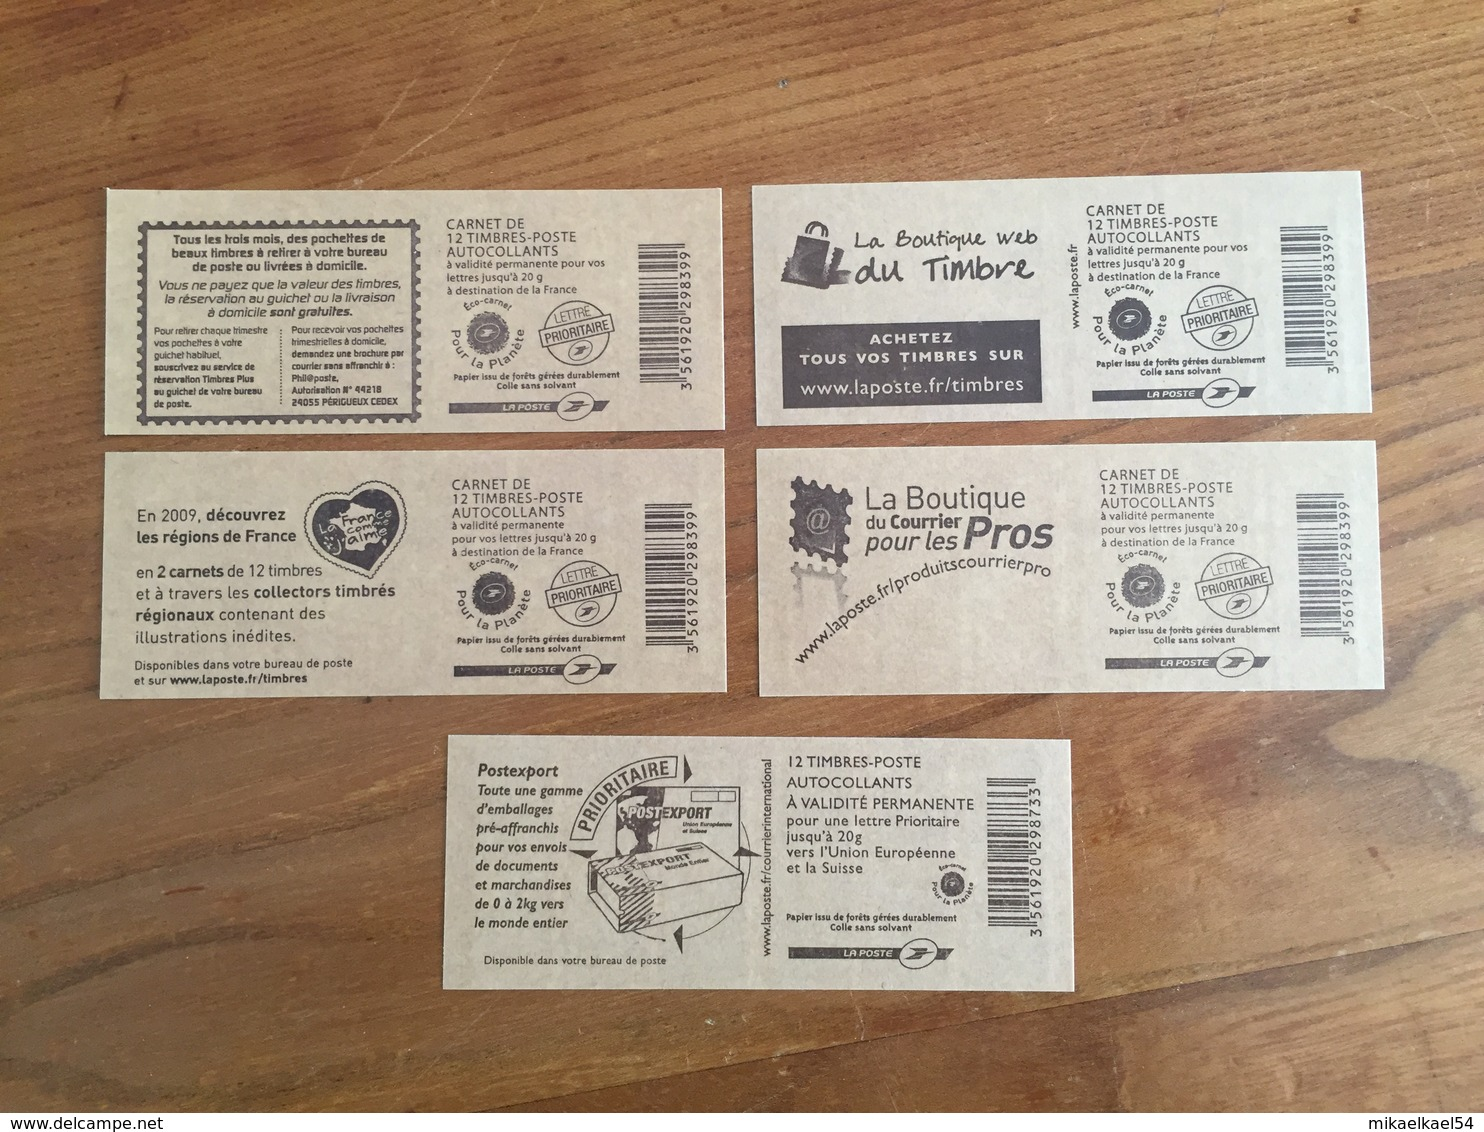 SERIE COMPLÈTE De 5 CARNETS MARIANNE émis En 2009 : 4 Carnets Rouges, 1 Carnet Bleu - Neufs ** - Carnets